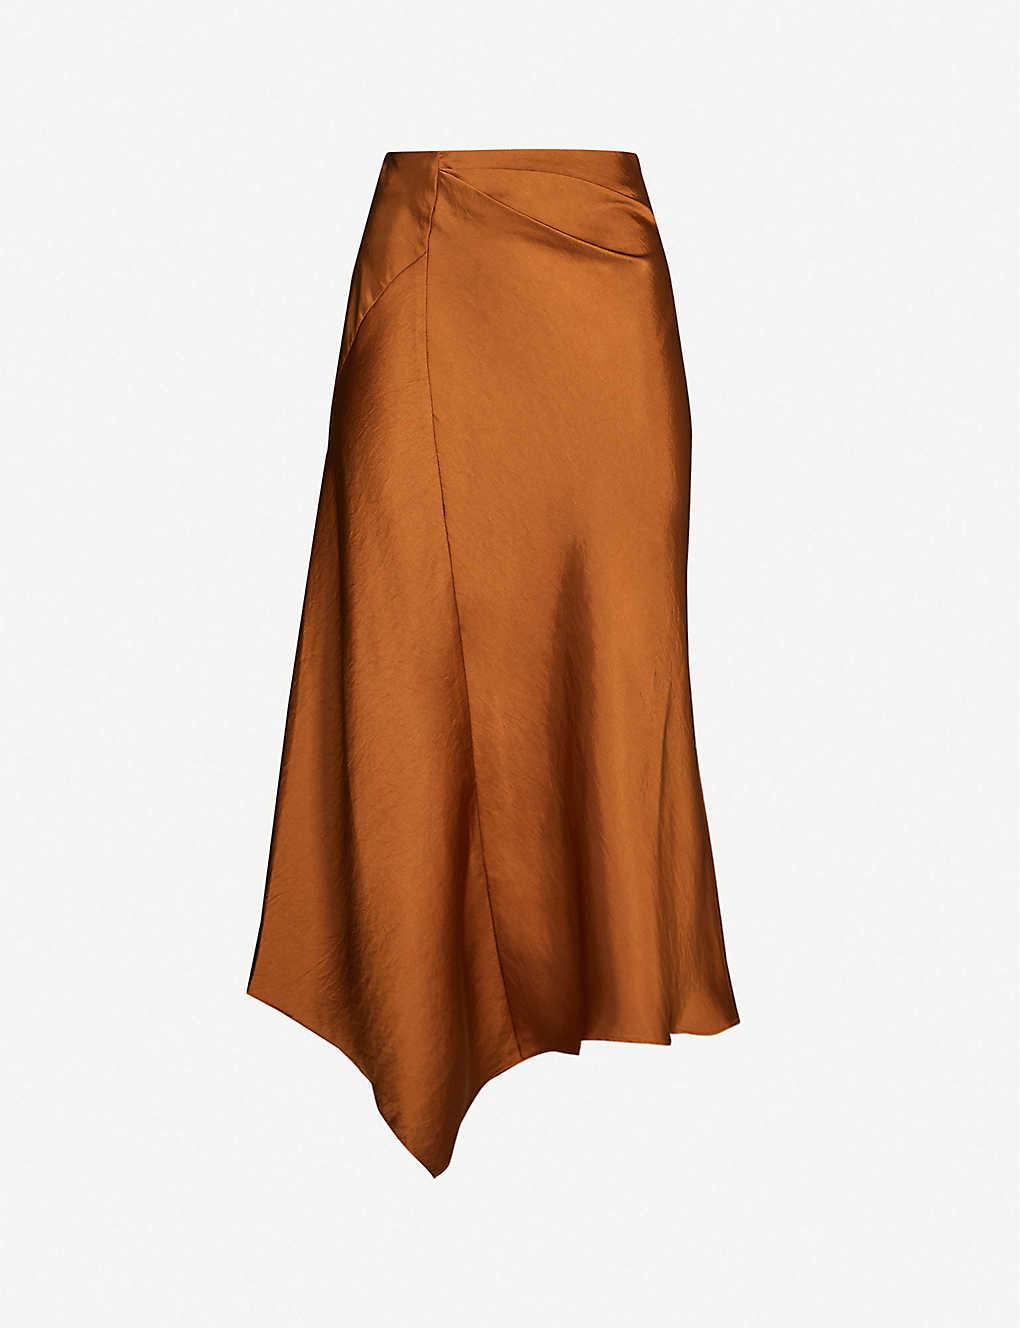 Reiss Aspen Skirt.jpg